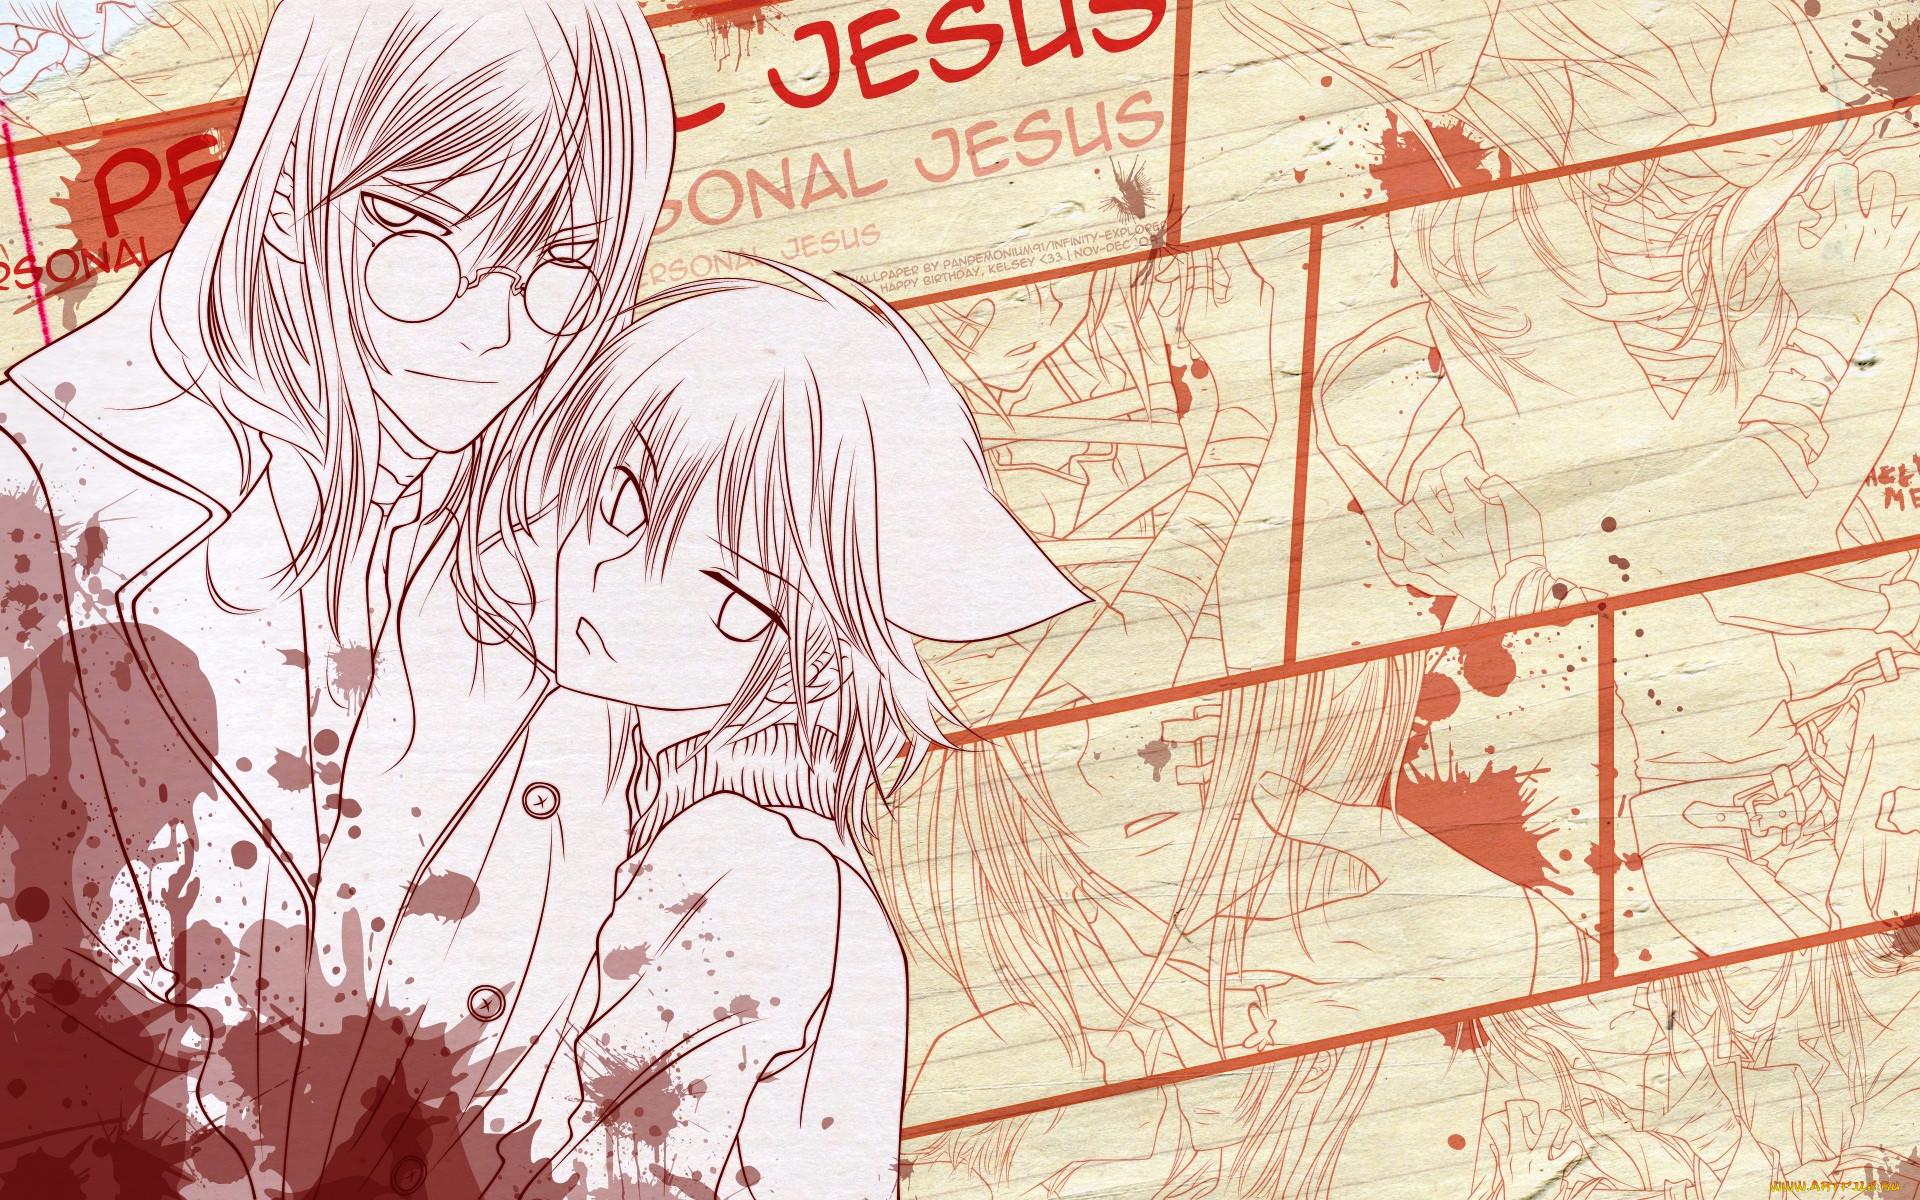 аниме, loveless, кровь, рицка, соби, пятна, пара, нелюбимые, кадры